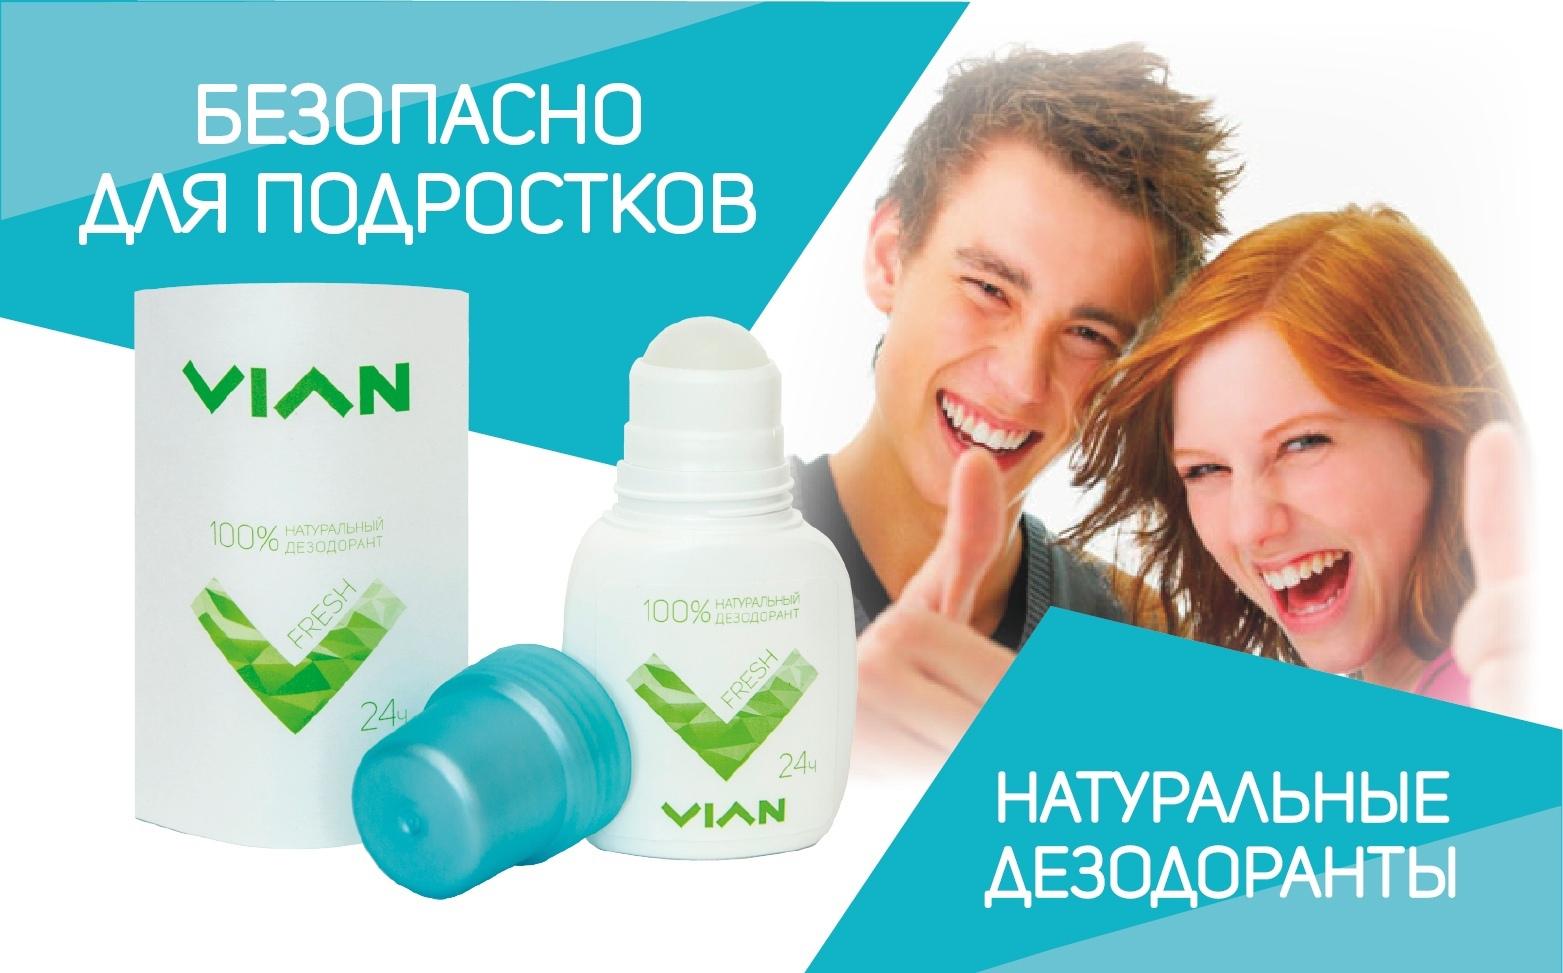 Экологичные шариковые дезодорнаты VIAN или как не отравить себя антиперспирантами?, изображение №3